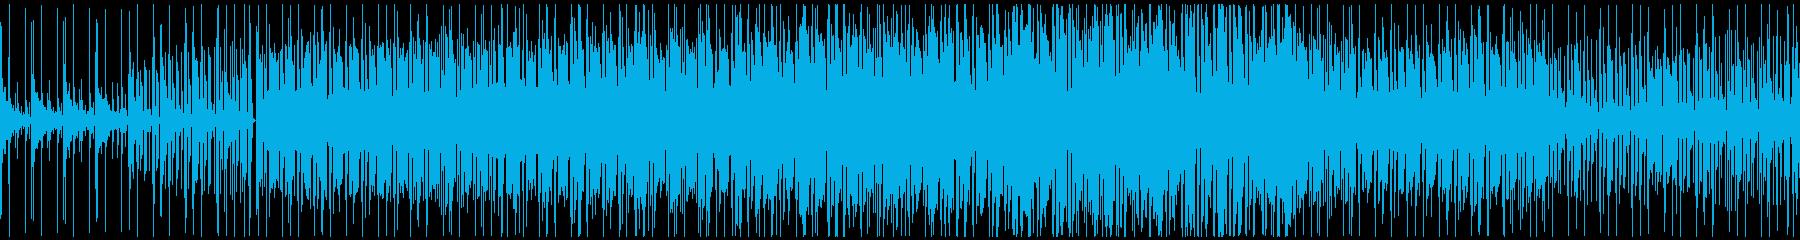 ほのぼのした雰囲気のポップス(ループ)の再生済みの波形